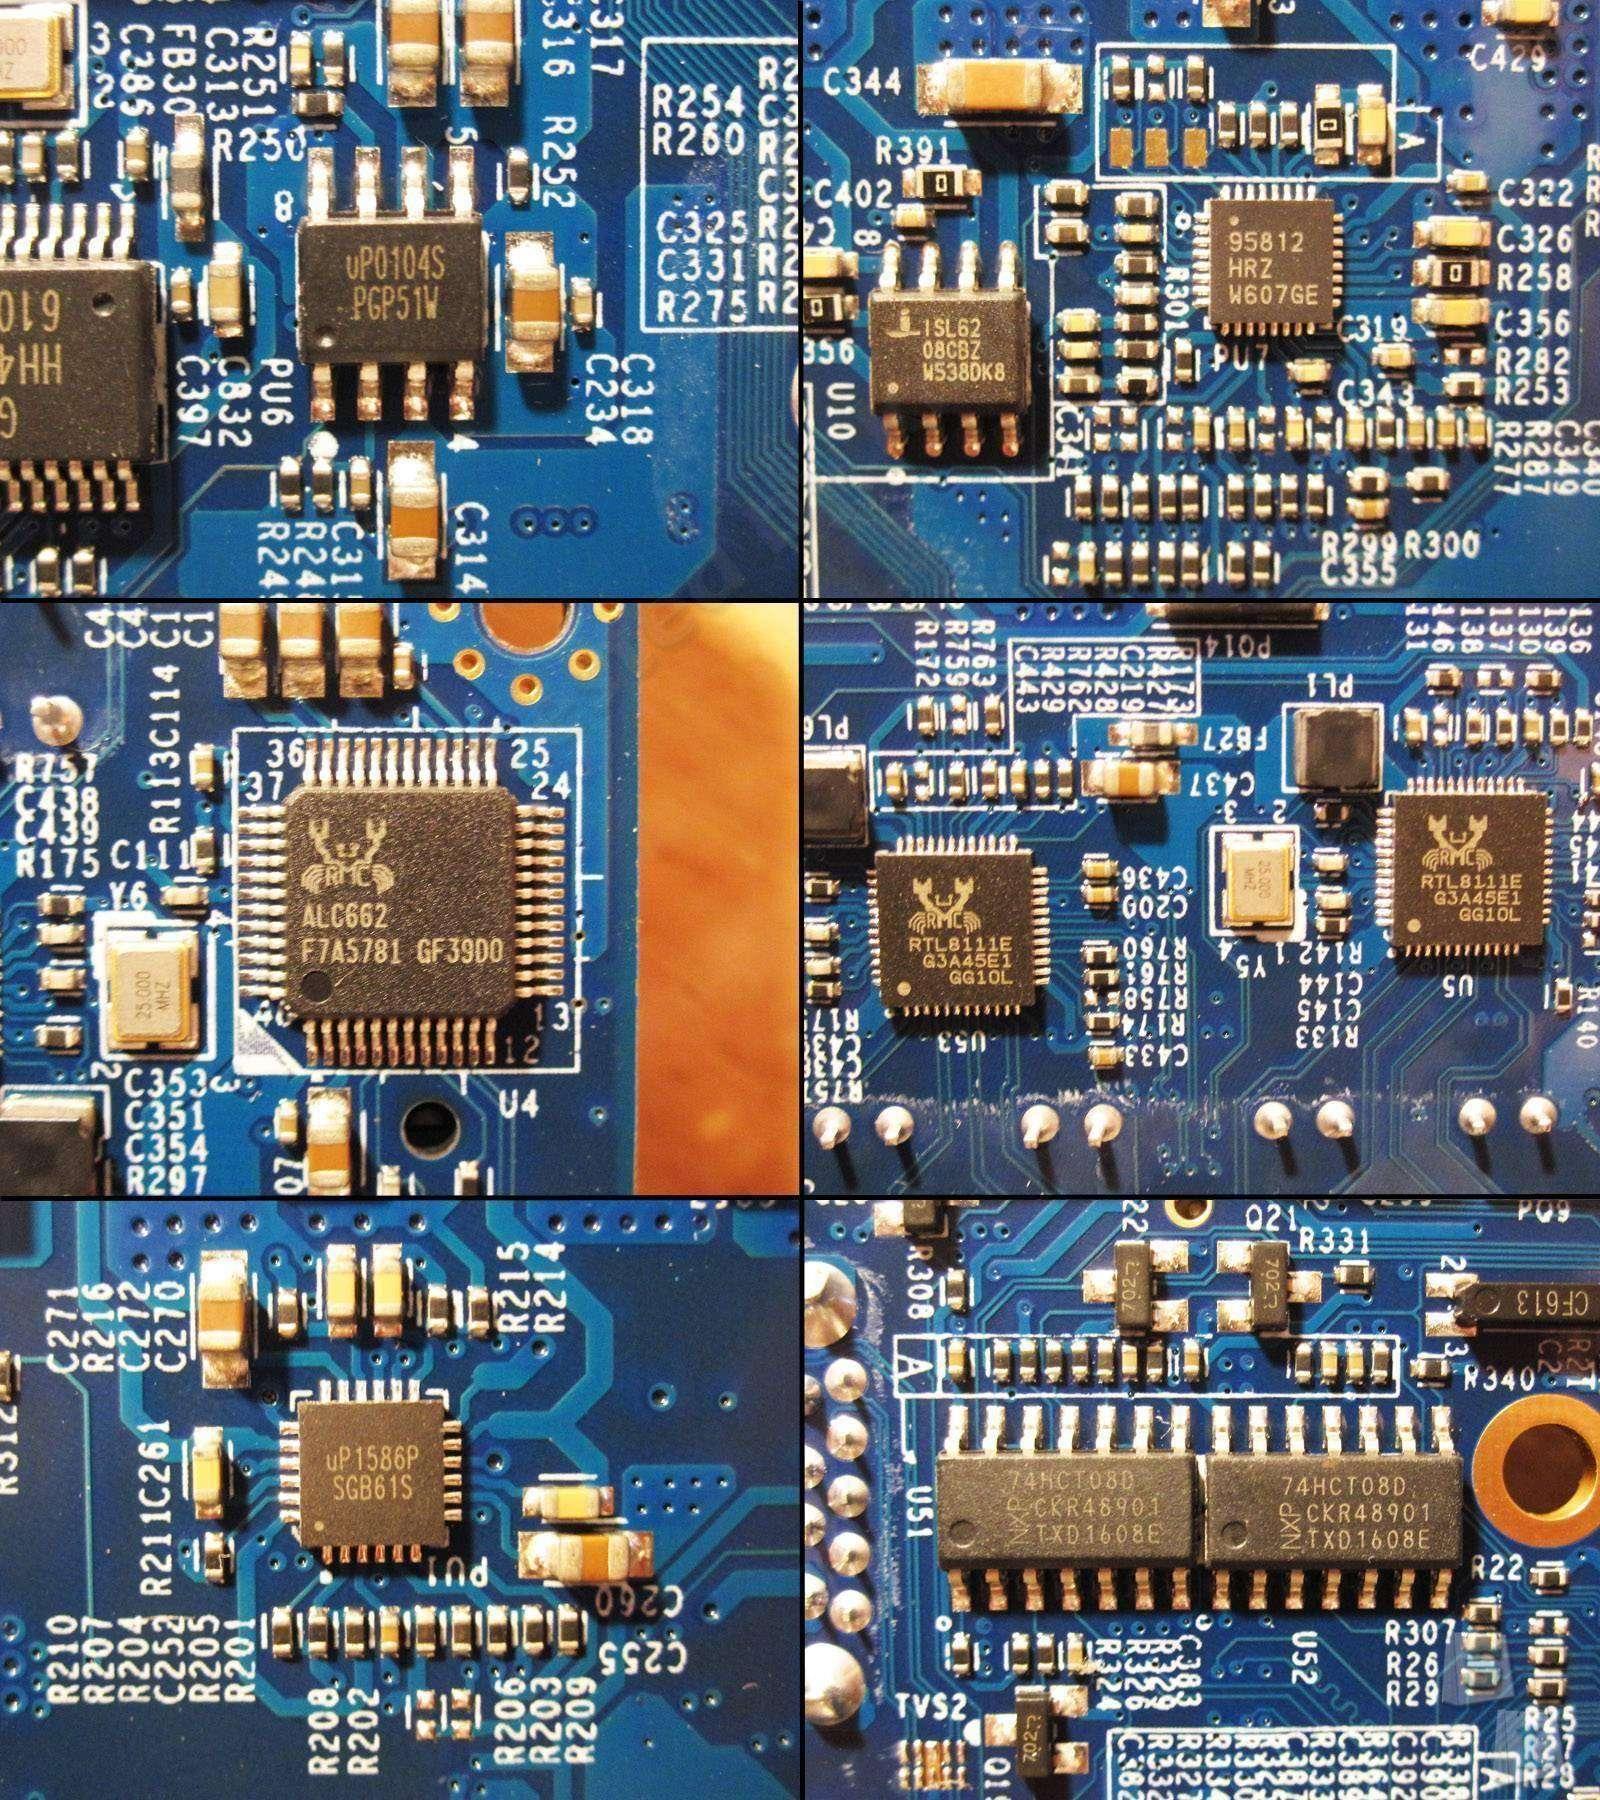 Aliexpress: Vensmile i10, небольшой но интересный компьютер на базе Celeron 3755U